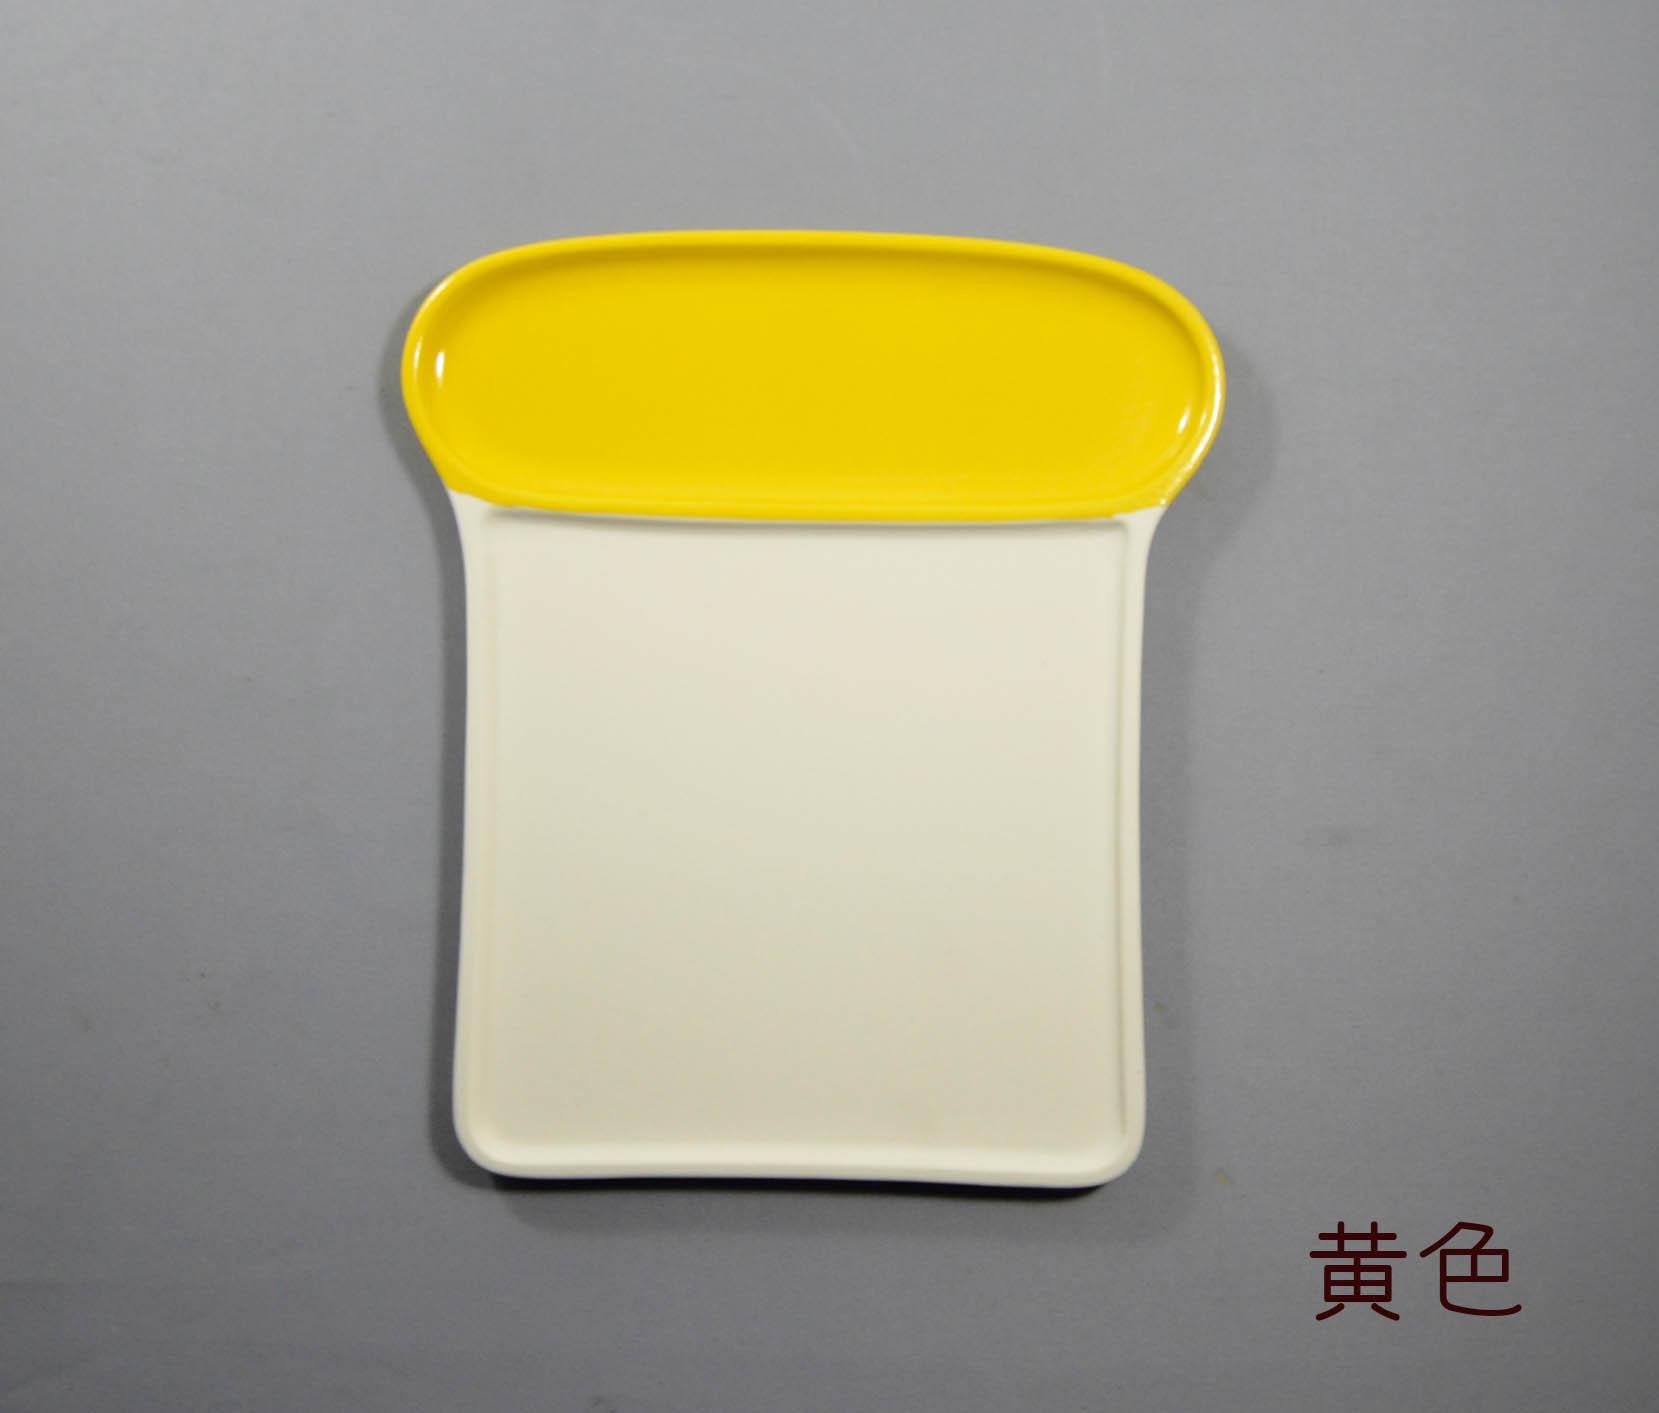 からっとパン皿(黄色)